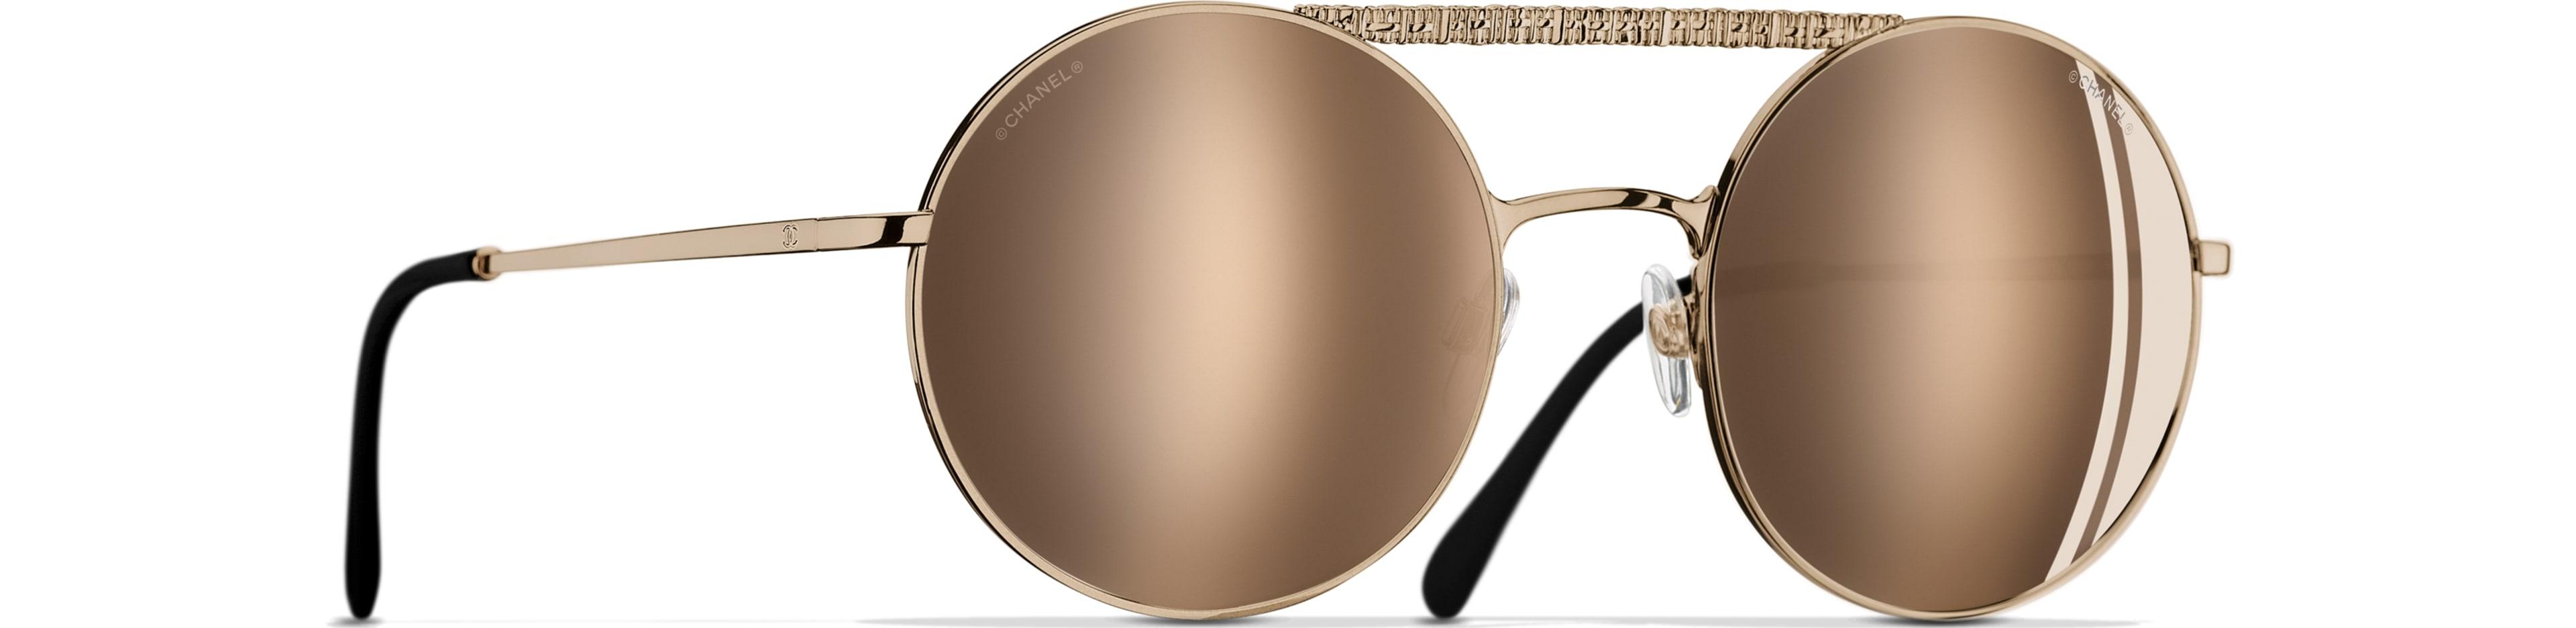 Metal gold frame. 18-Karat Gold mirror lenses